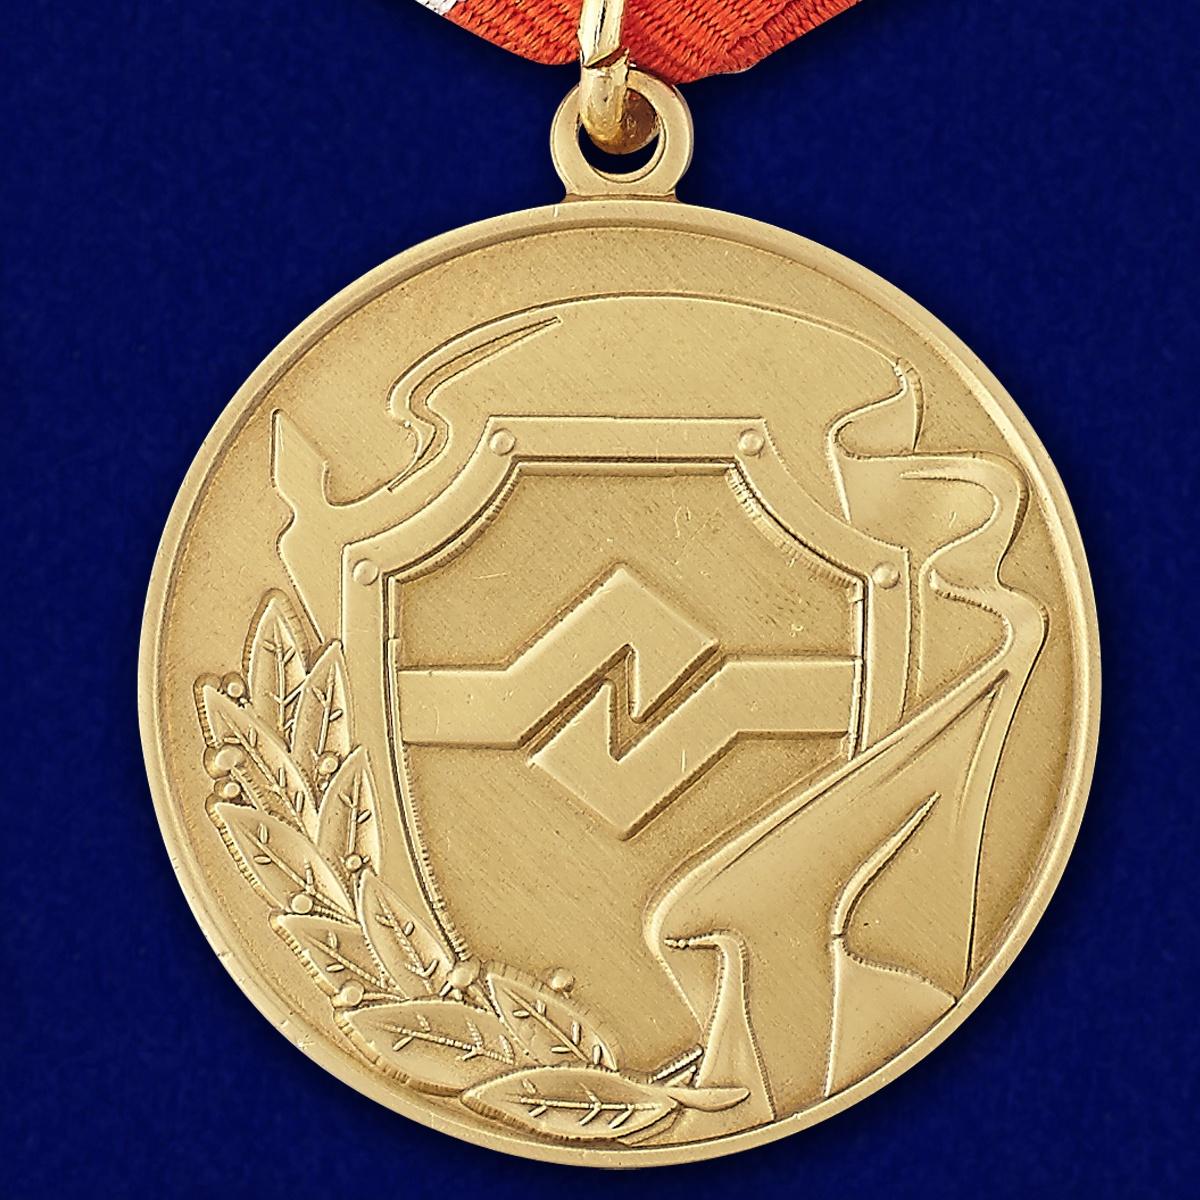 """Медаль """"За верность долгу и Отечеству"""" - реверс"""